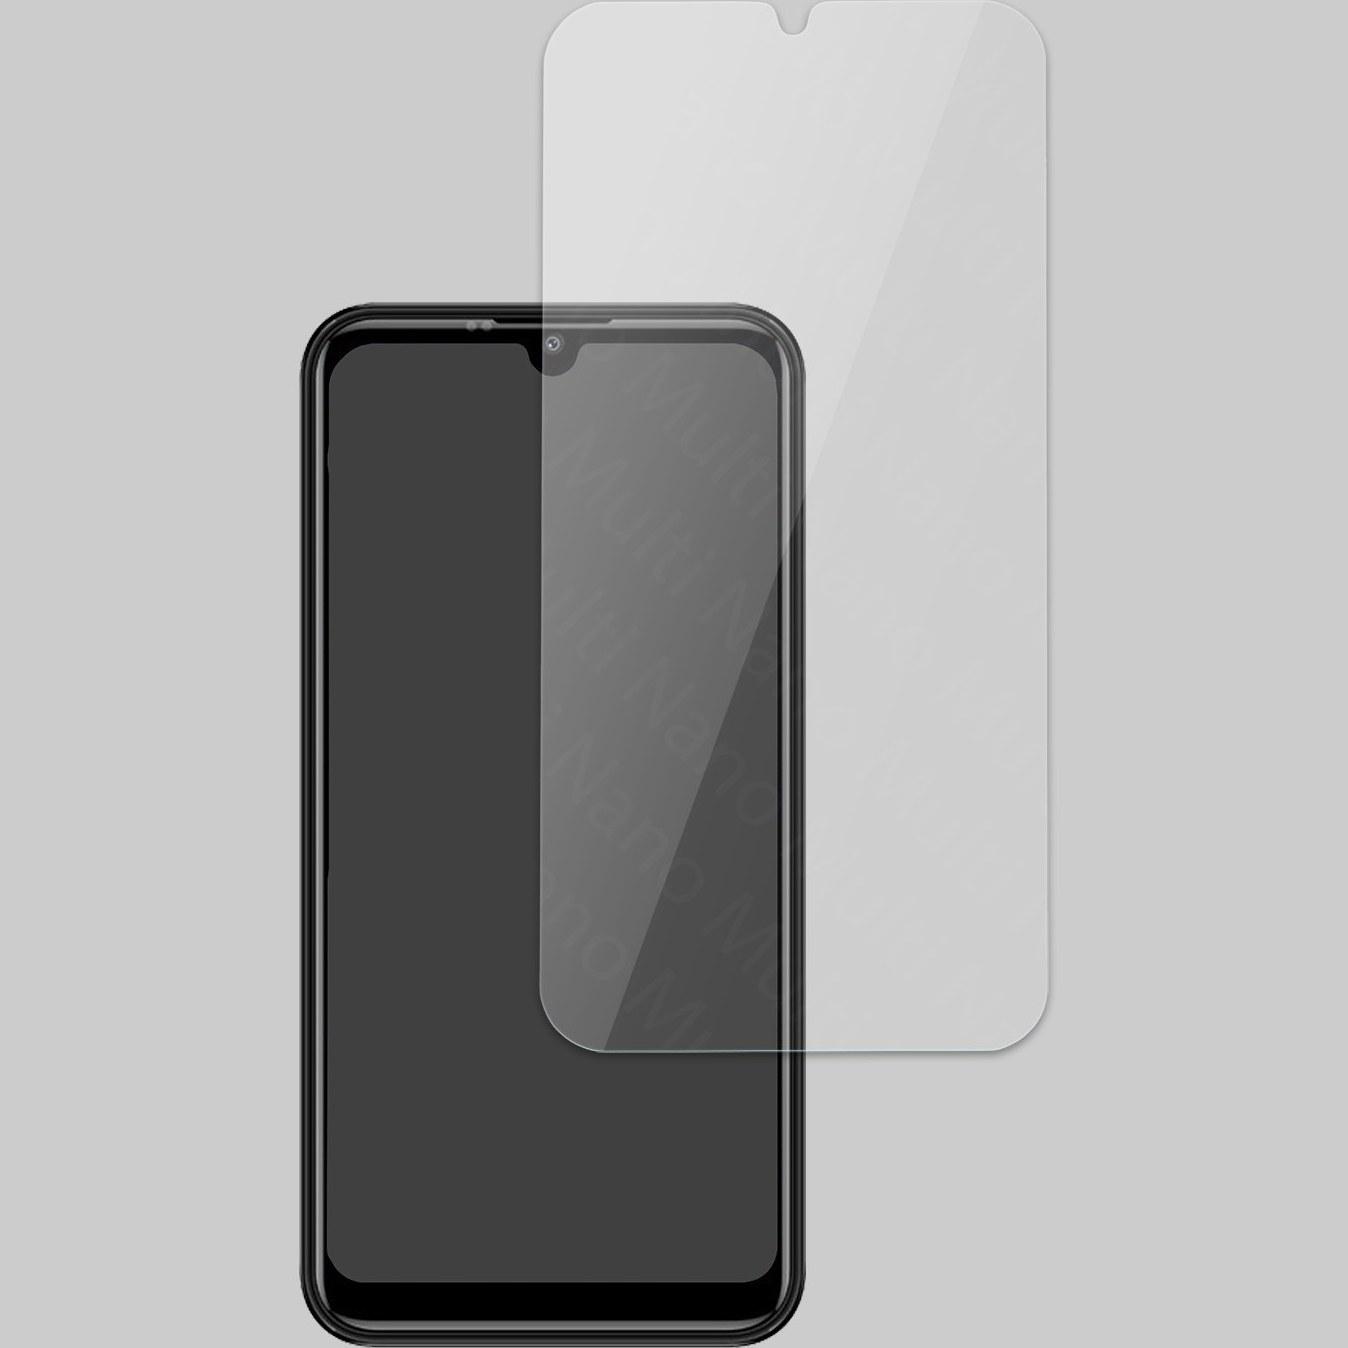 تصویر محافظ صفحه نمایش Multi Nano مدل Pro مناسب برای موبایل الجی Q10 / G Plus